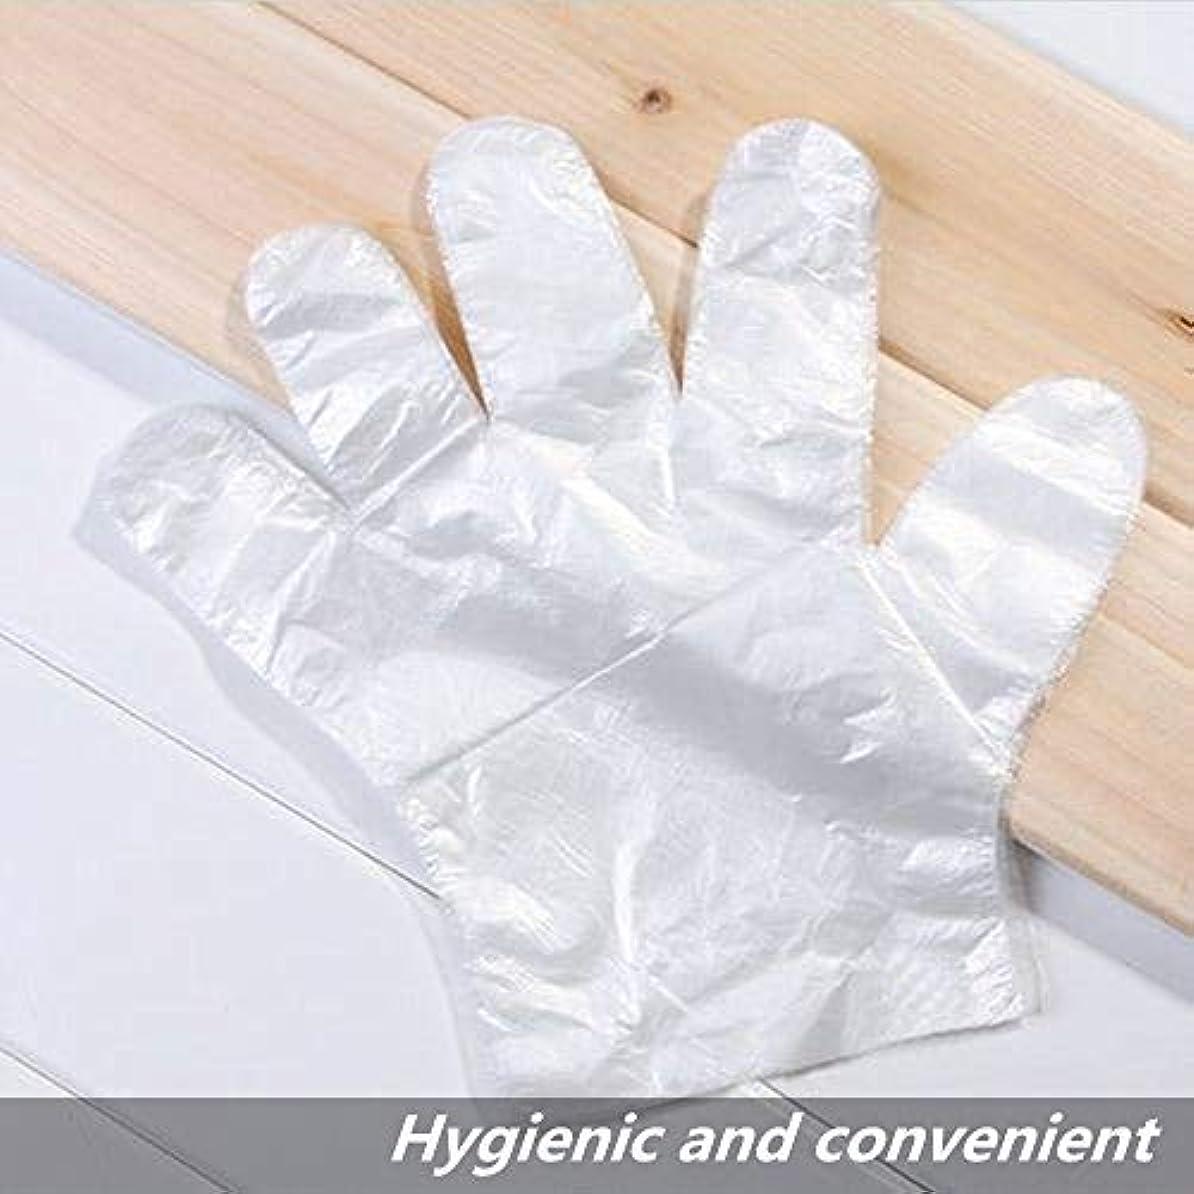 バルセロナグラム十分ではない使い捨て手袋 プラスチック製使い捨て手袋 超薄型多機能透明なプラスチック手袋調理、掃除、染色などに適しています 50または100個 (50)